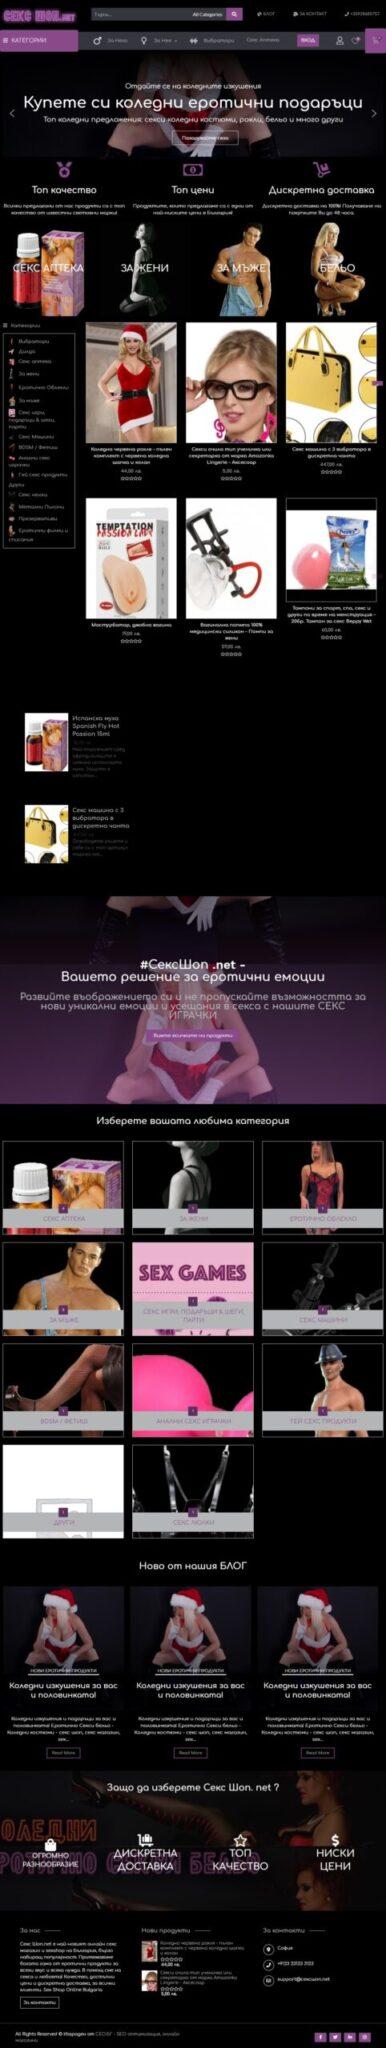 Онлайн магазин изграждане - сексшоп.net СЕО.БГ Woocommerce СЕО оптимизация, реклама, изграждане на сайтове, маркетинг, изработка на сайтове, уеб дизайн, SEO, онлайн магазини и други